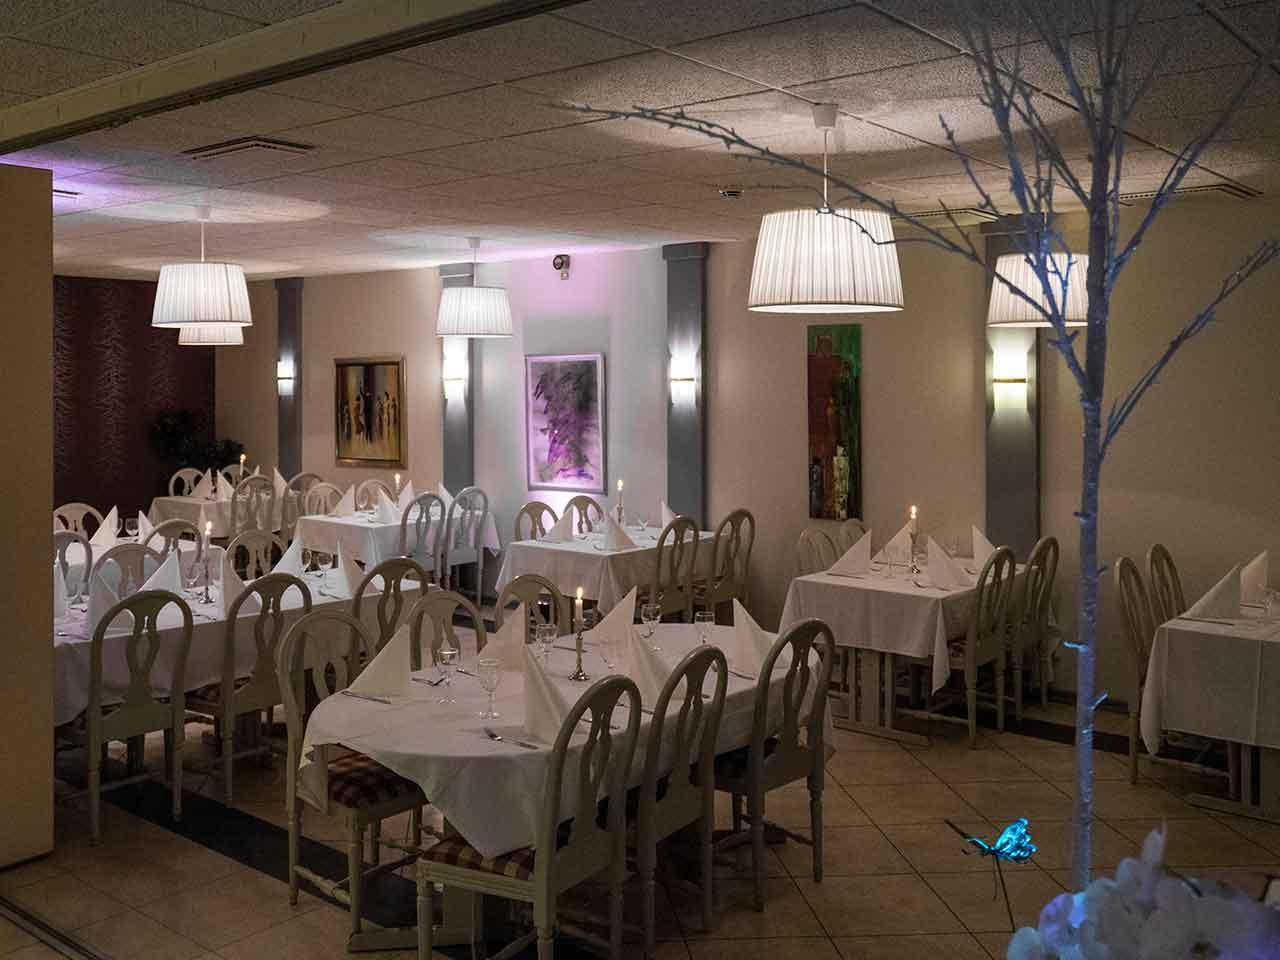 Bällstabro festvåning i Sundbyberg - Lilla matsalen